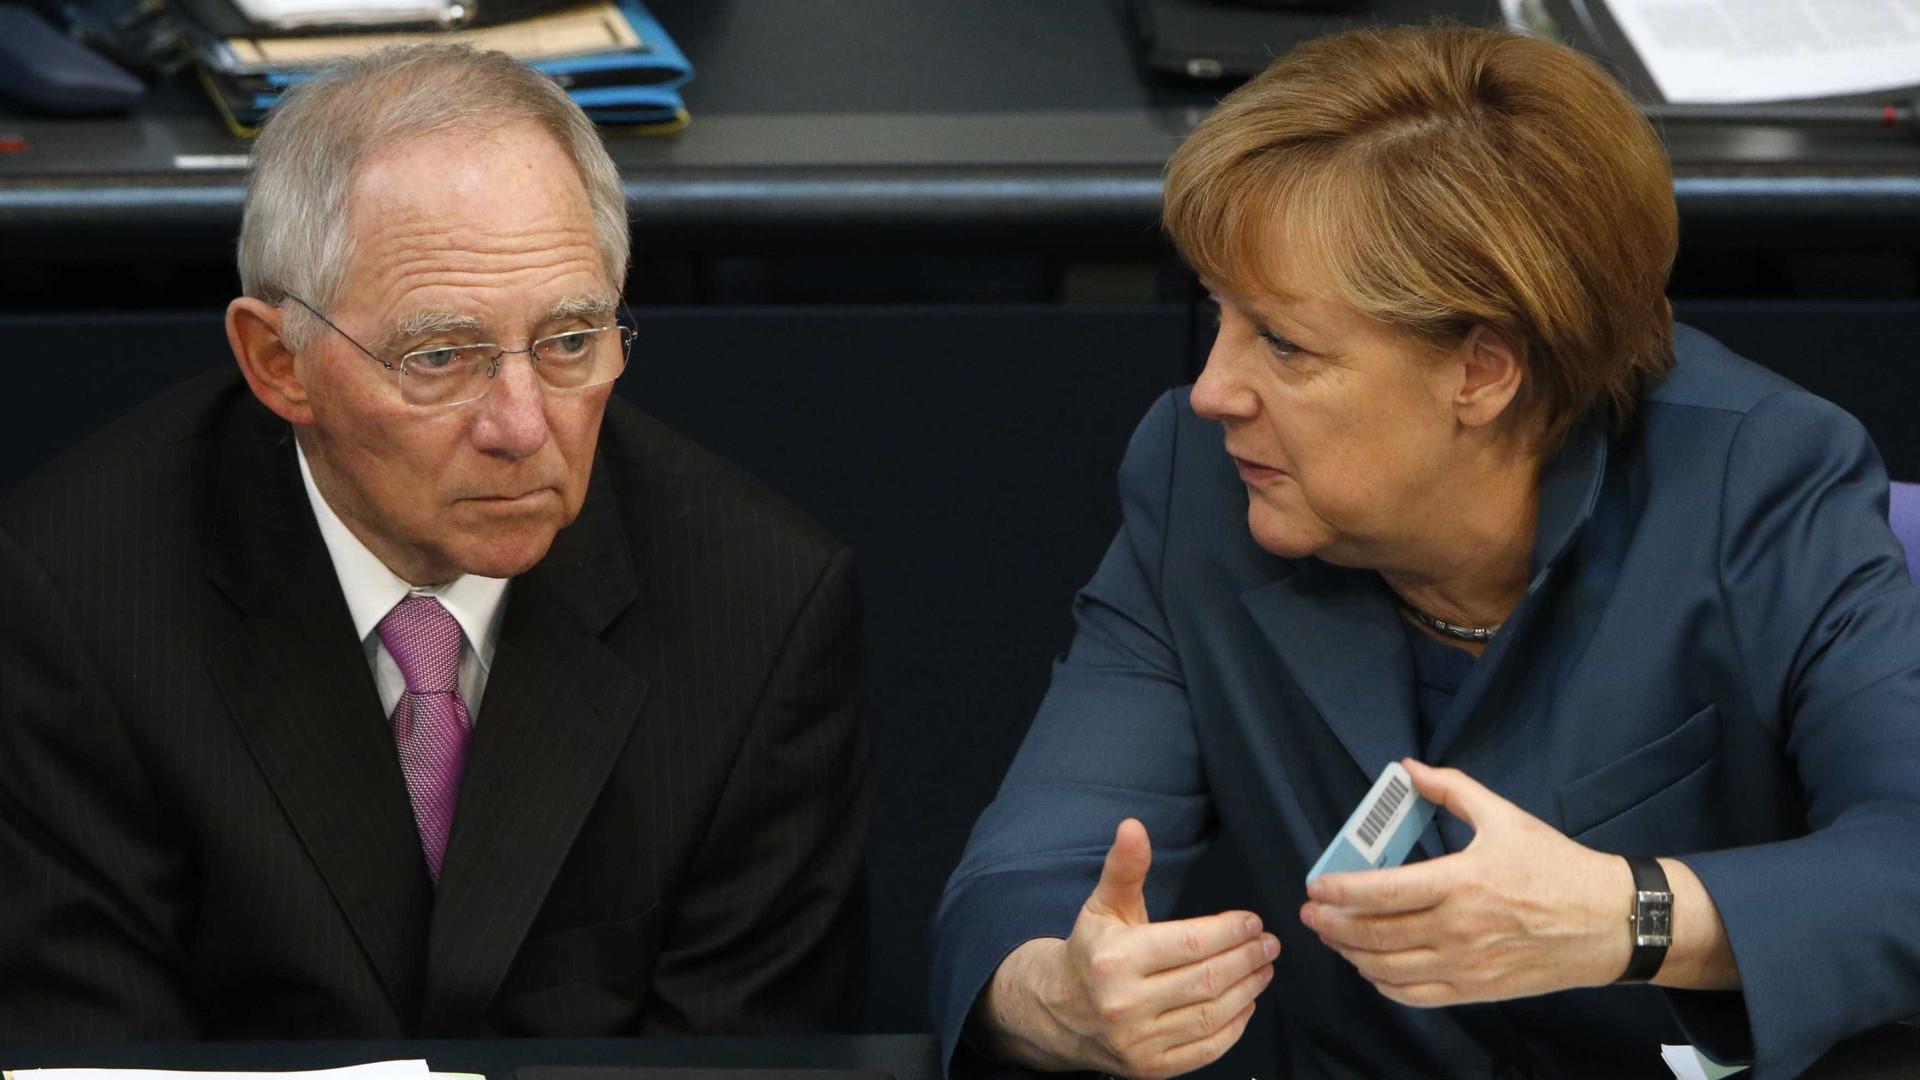 Merkel e Schäuble culpam Bruxelas e Durão pela austeridade